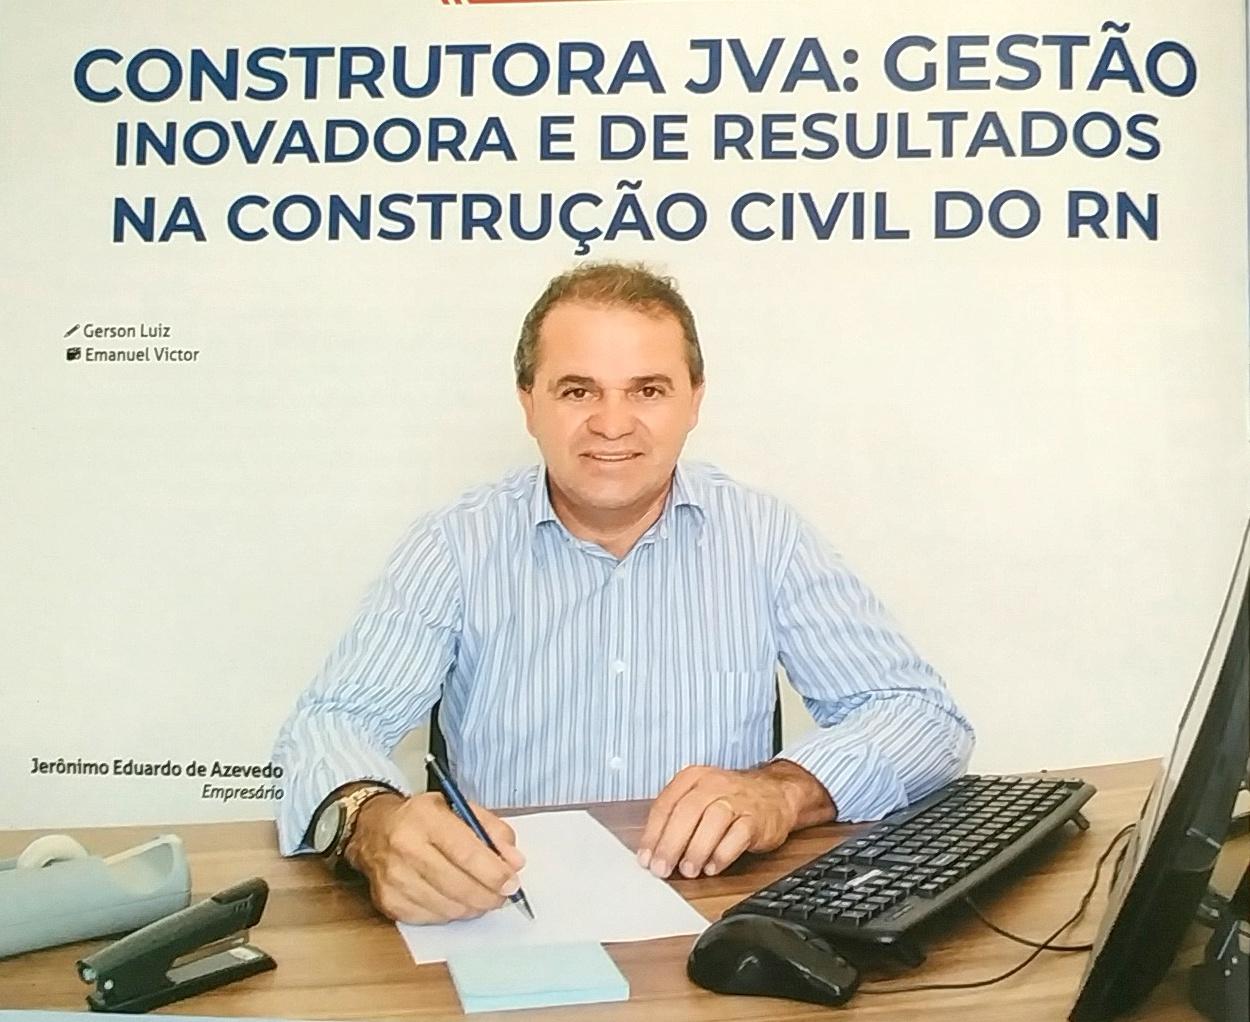 SUA CONSTRUÇÃO EM BOAS MÃOS CONSTRUTORA JVA